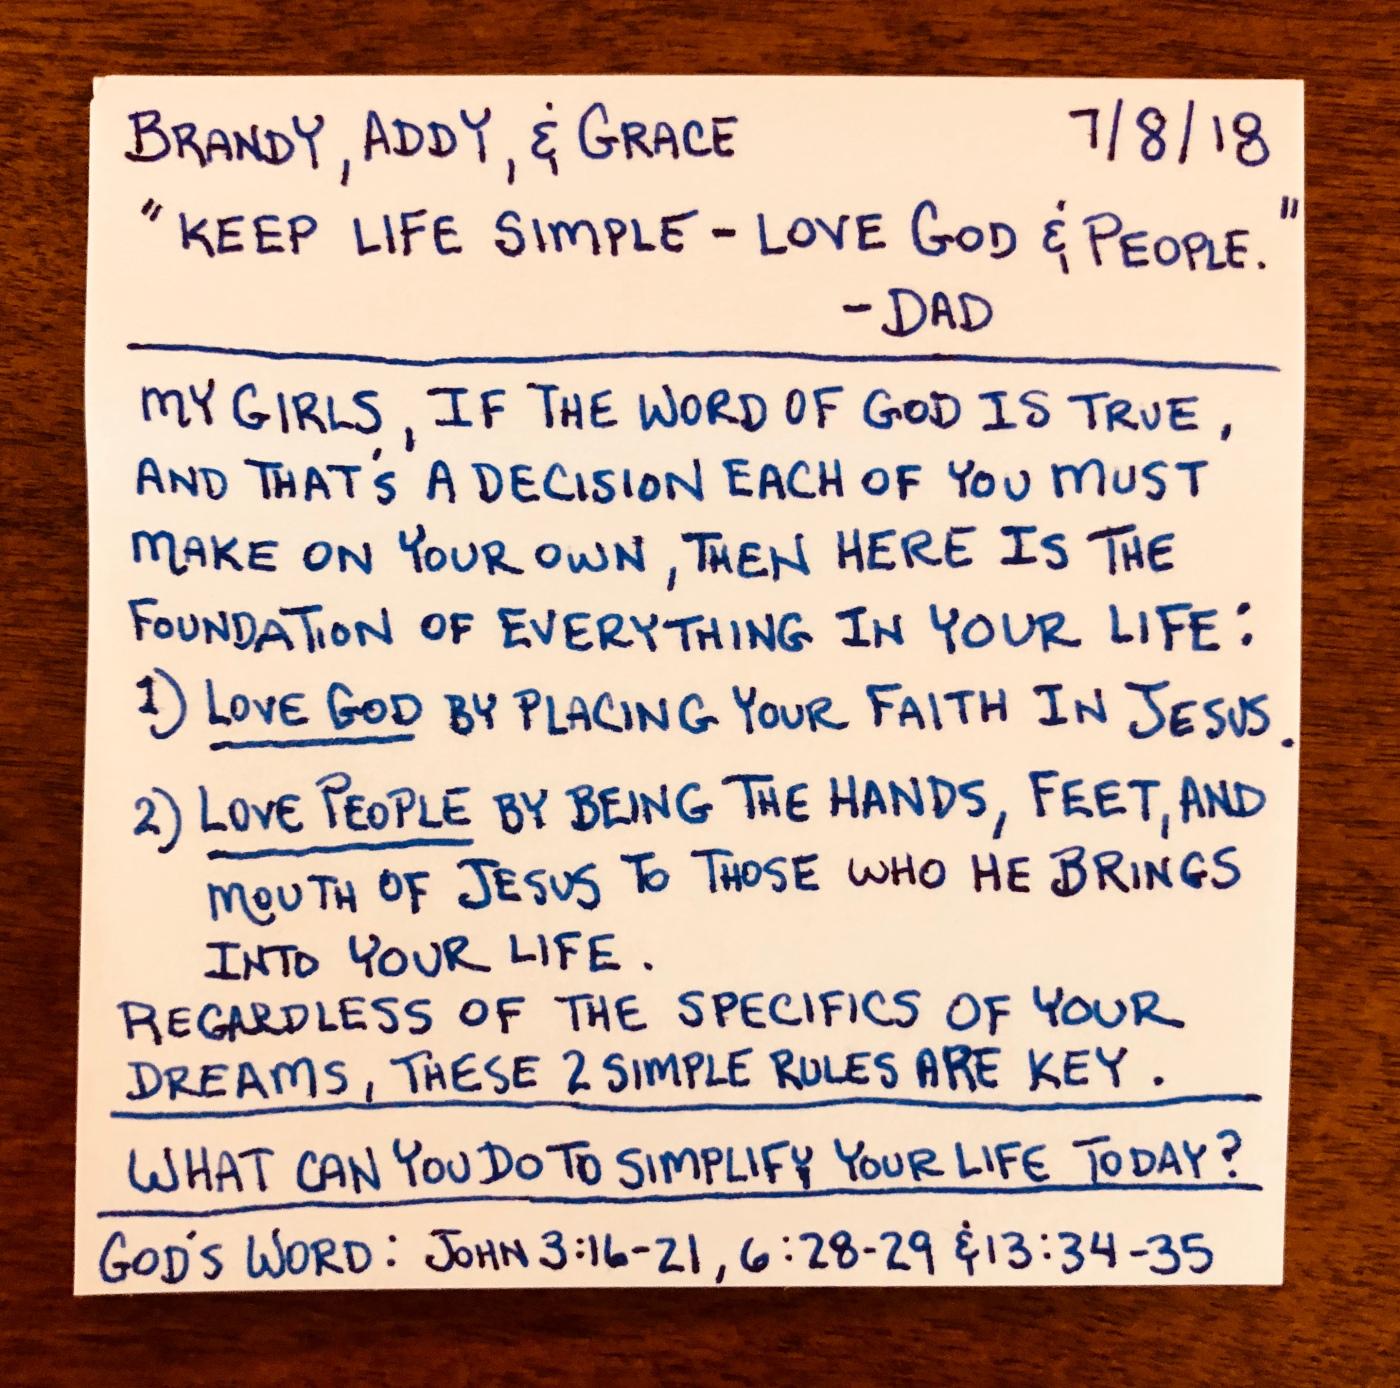 Keep Life Simple - Love God & People